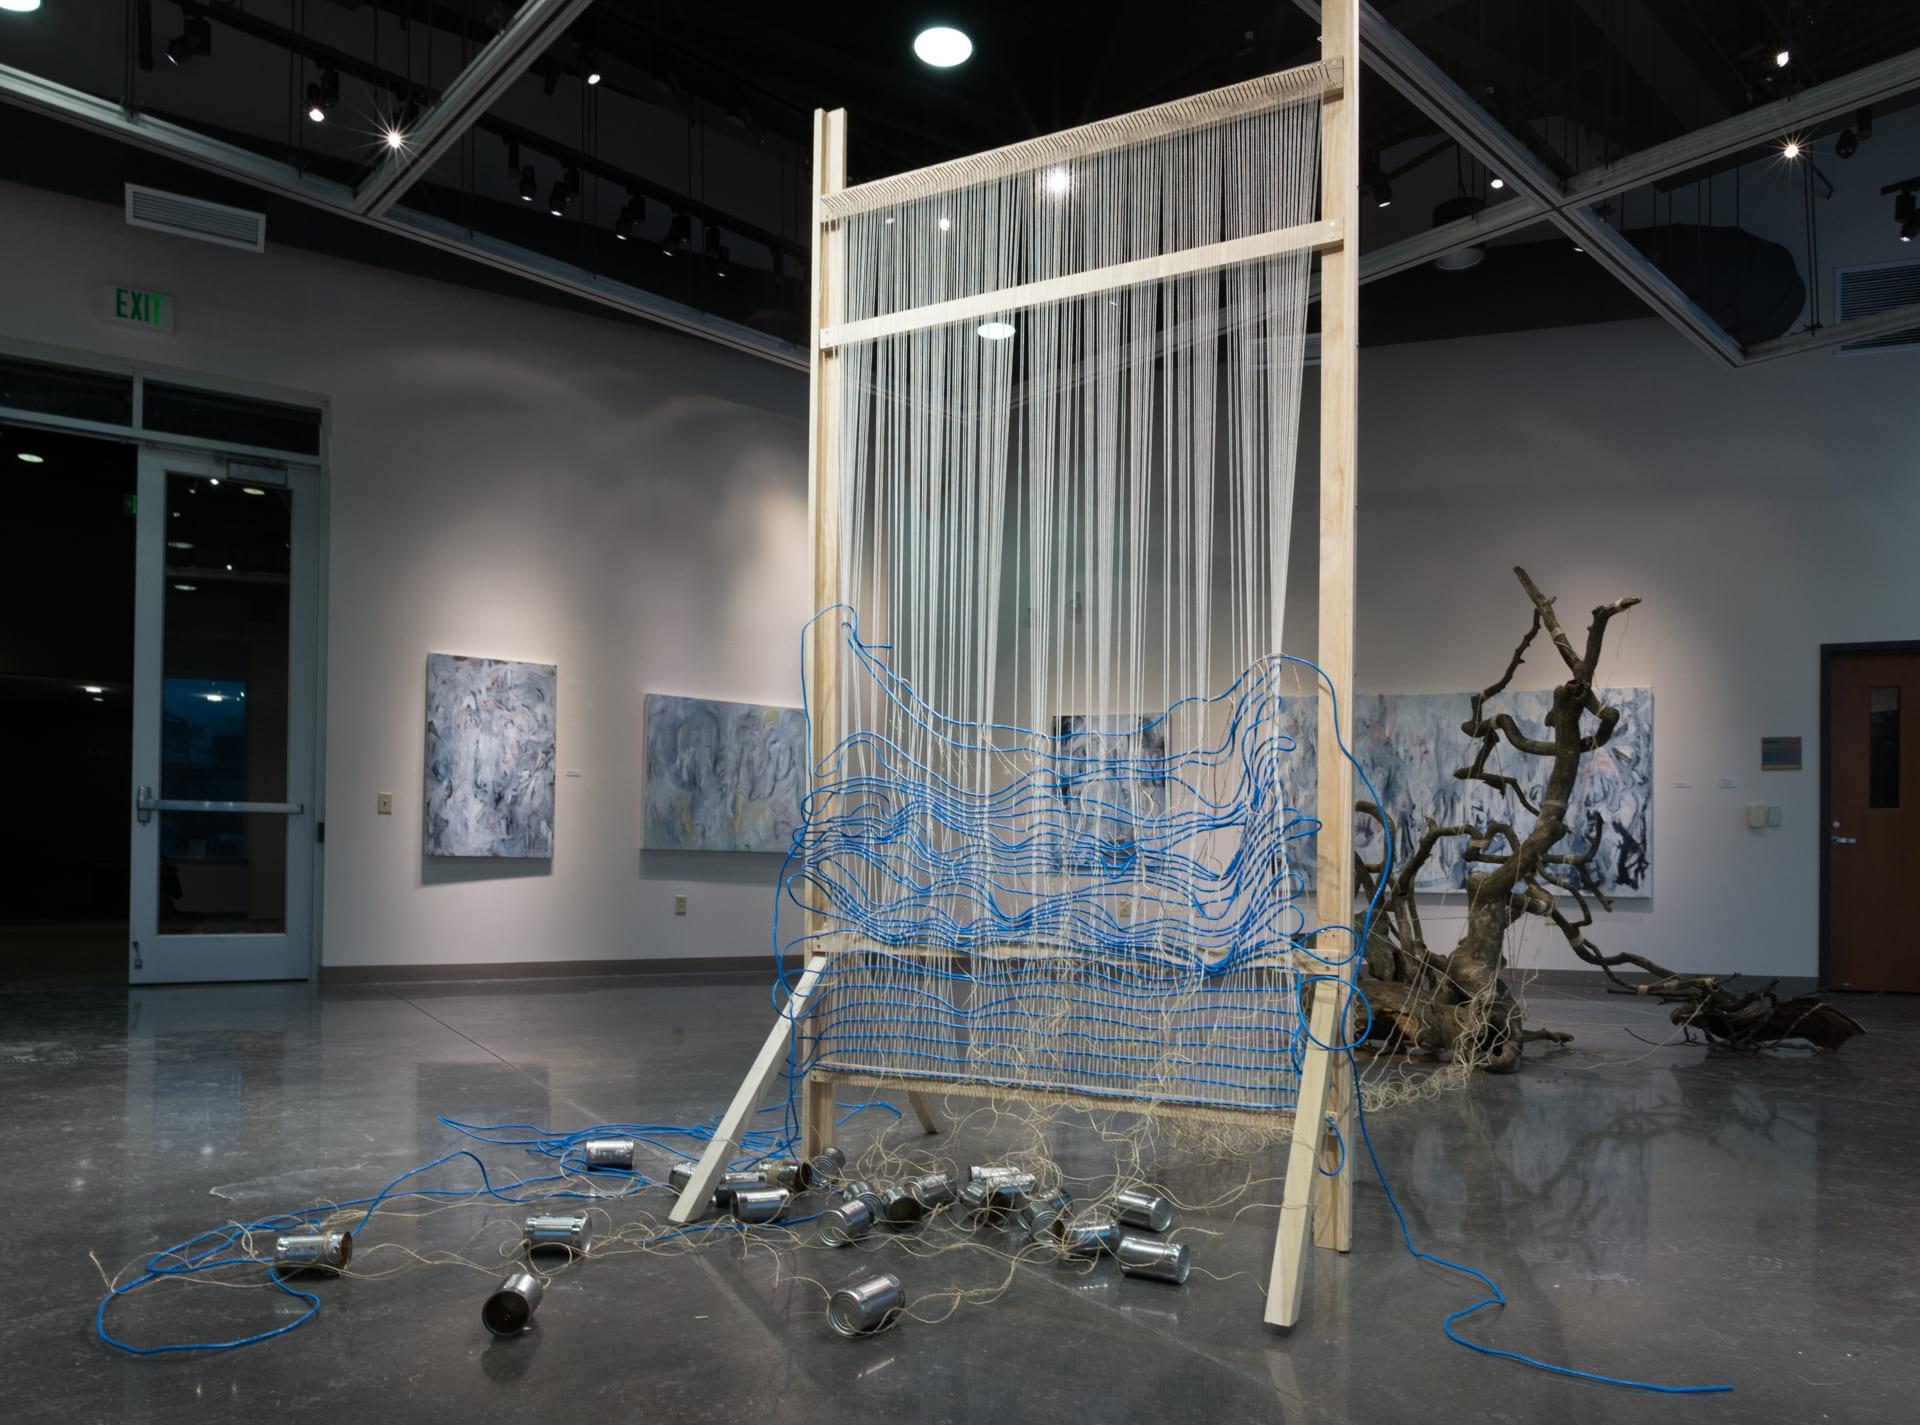 UW-Green Bay alumnus has art exhibition on display